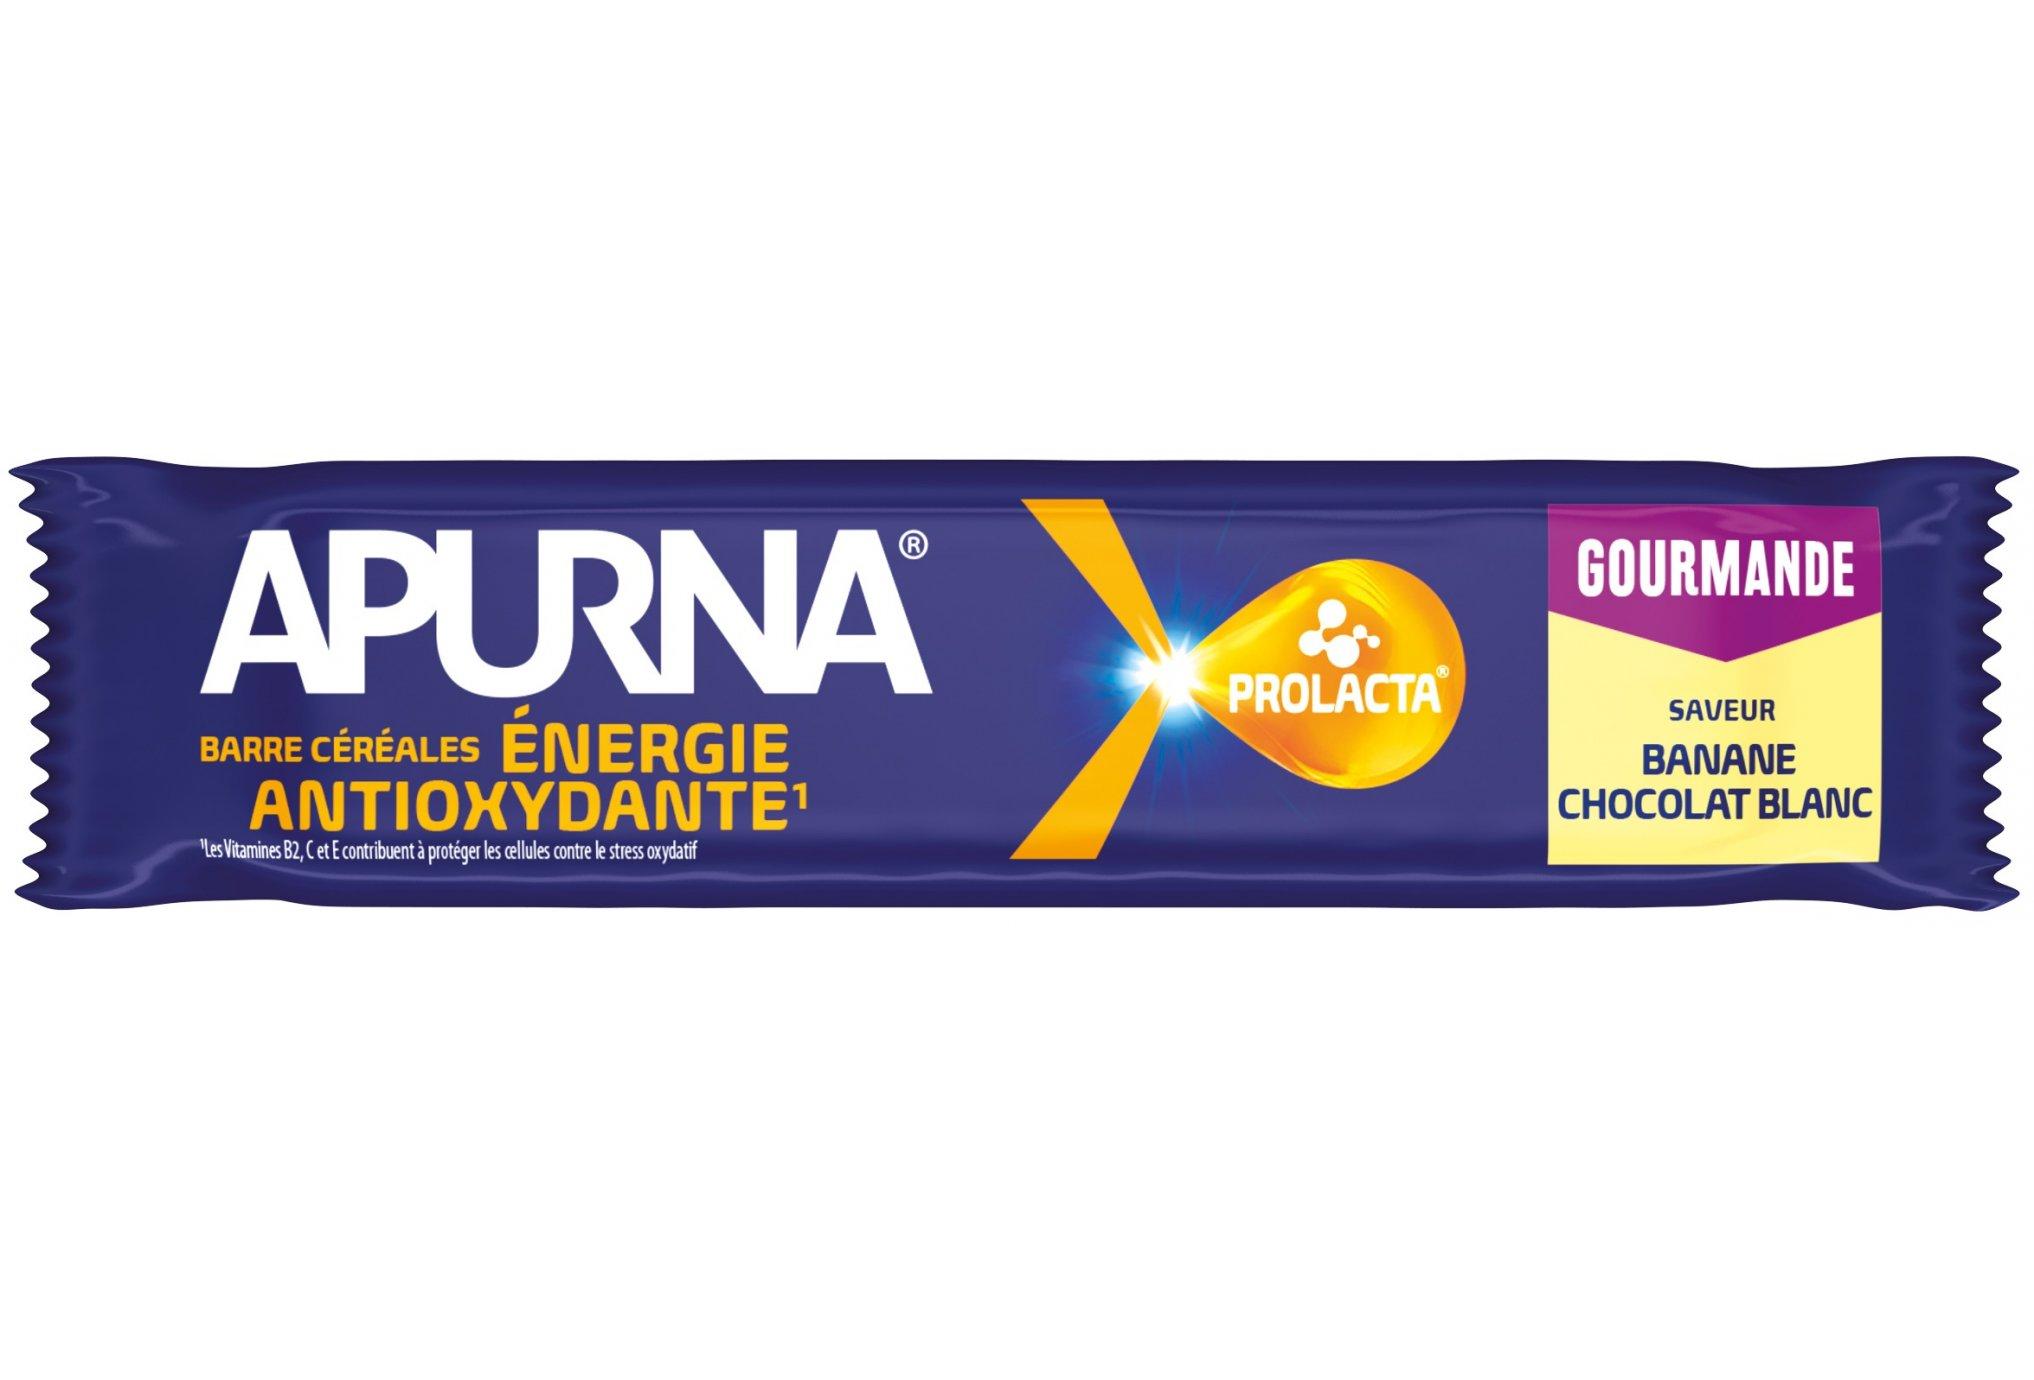 Apurna Barre énergétique - Banane/Chocolat Blanc Diététique Barres